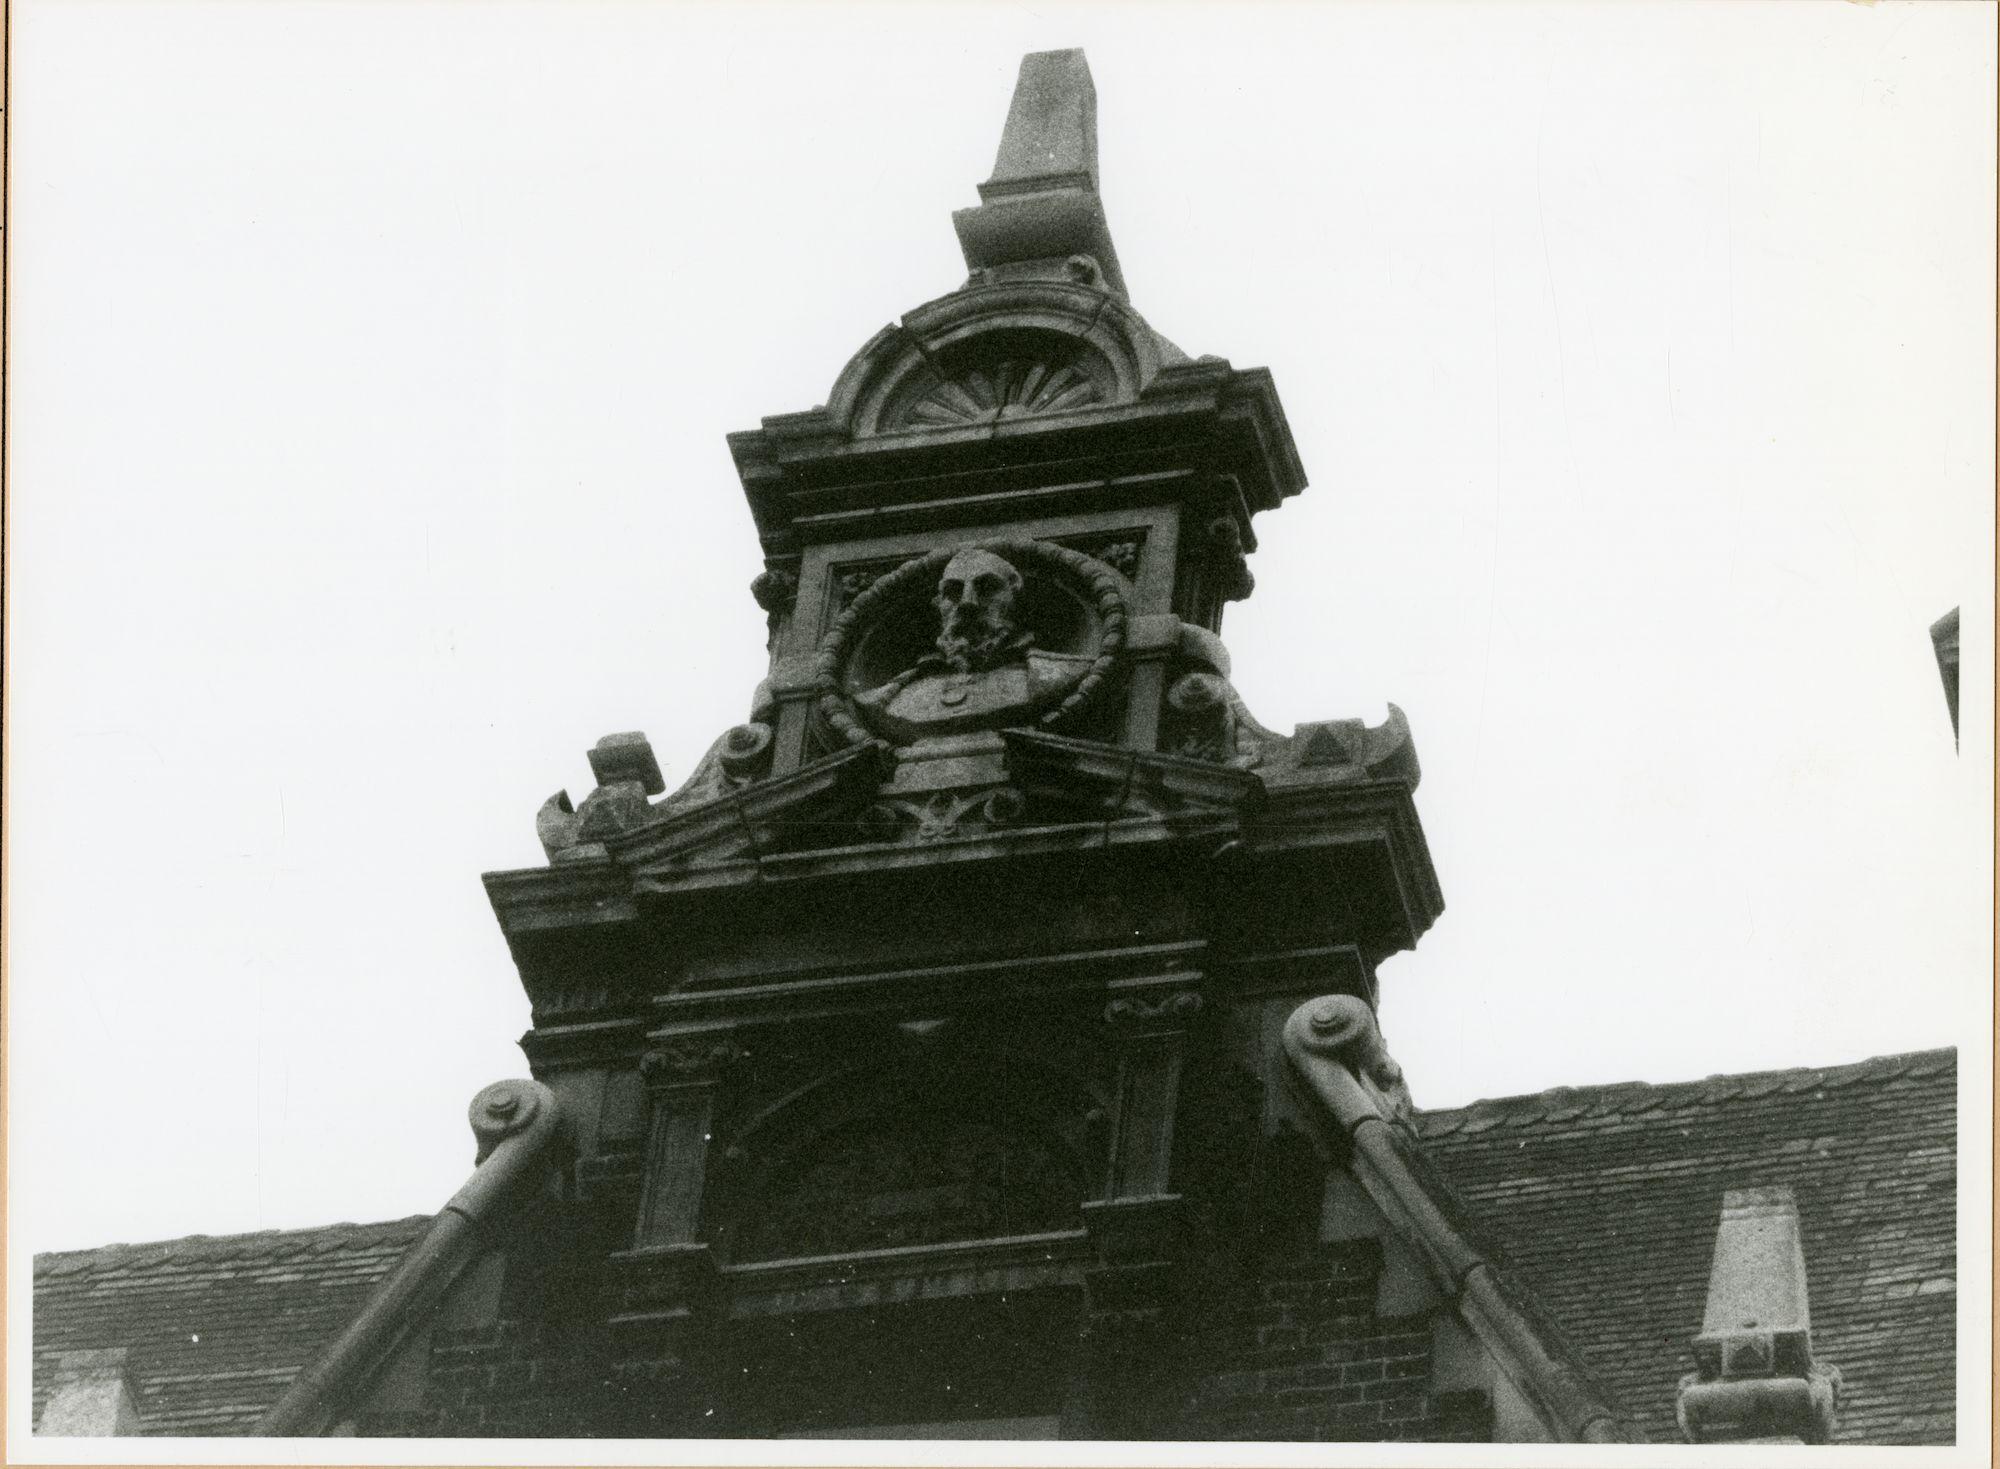 Gent: Limburgstraat 26: Buste, 1980